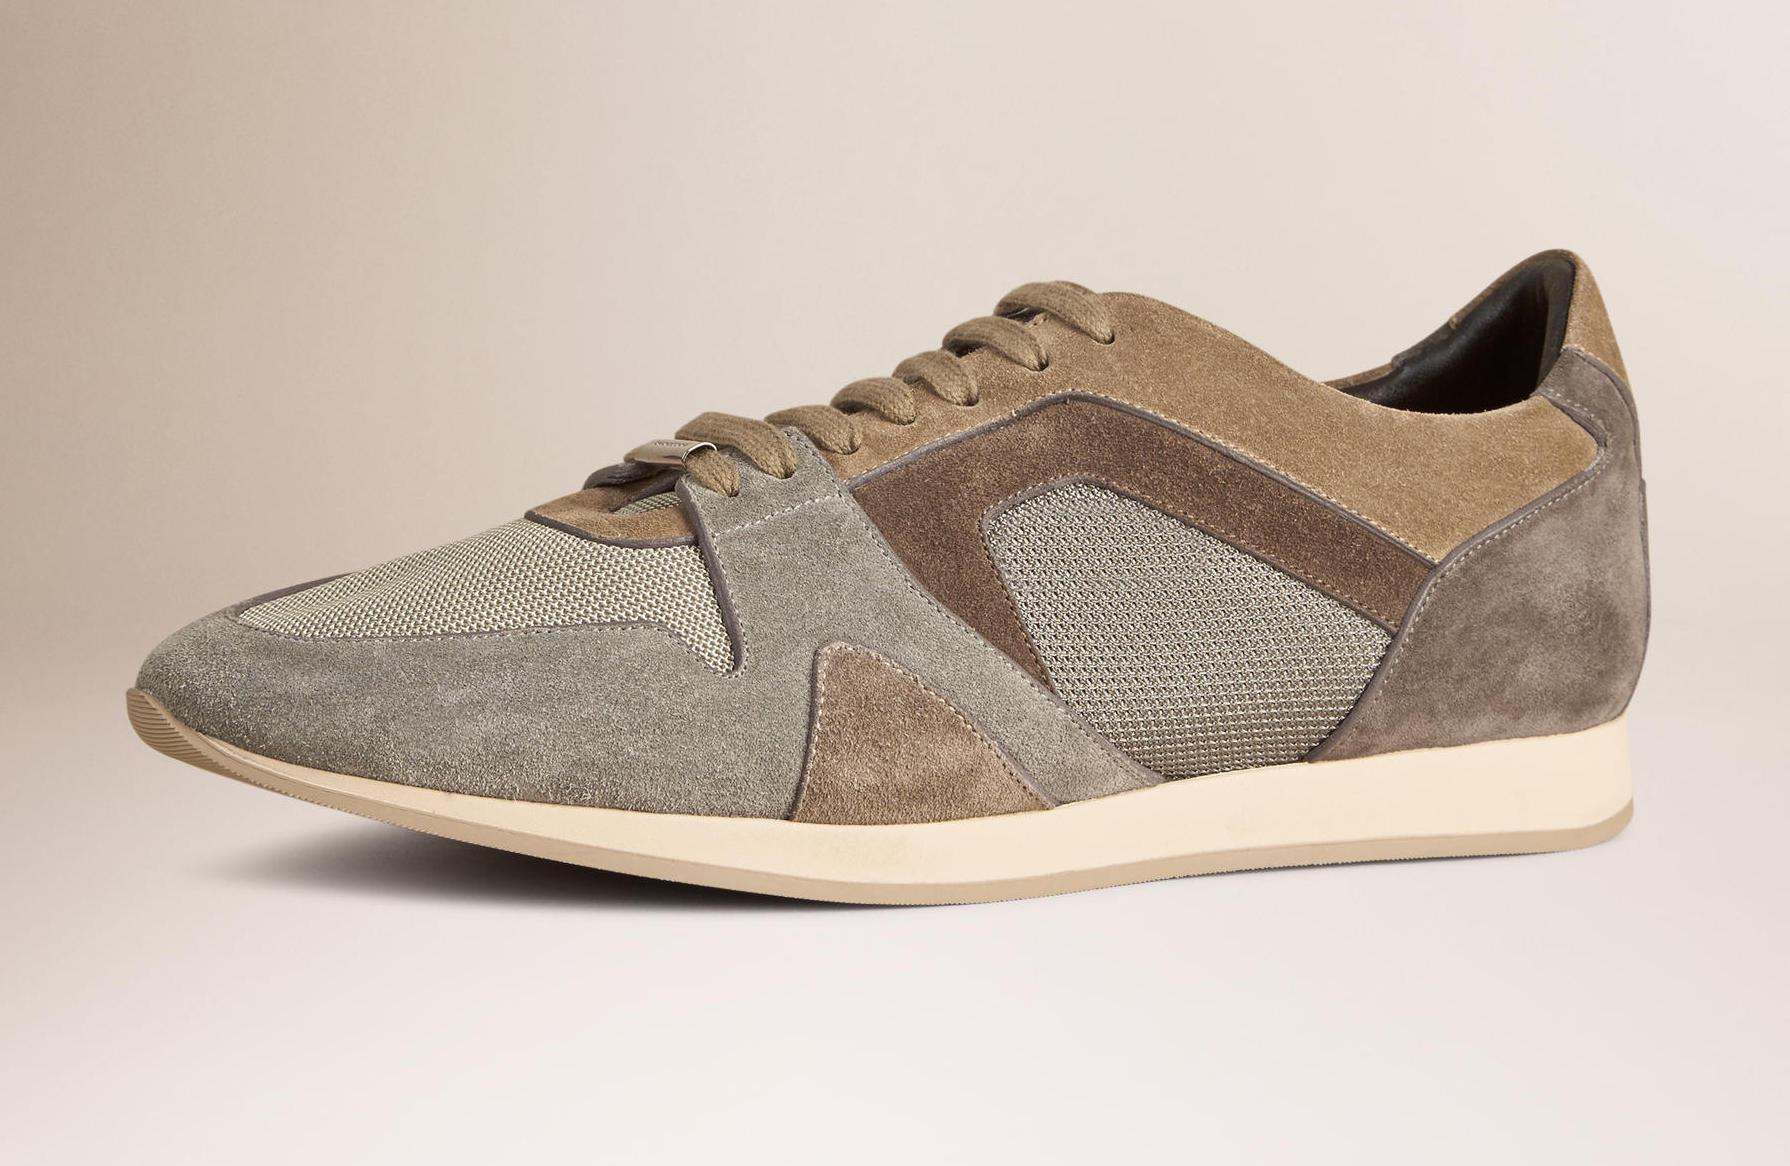 Burberry-the-field-sneaker